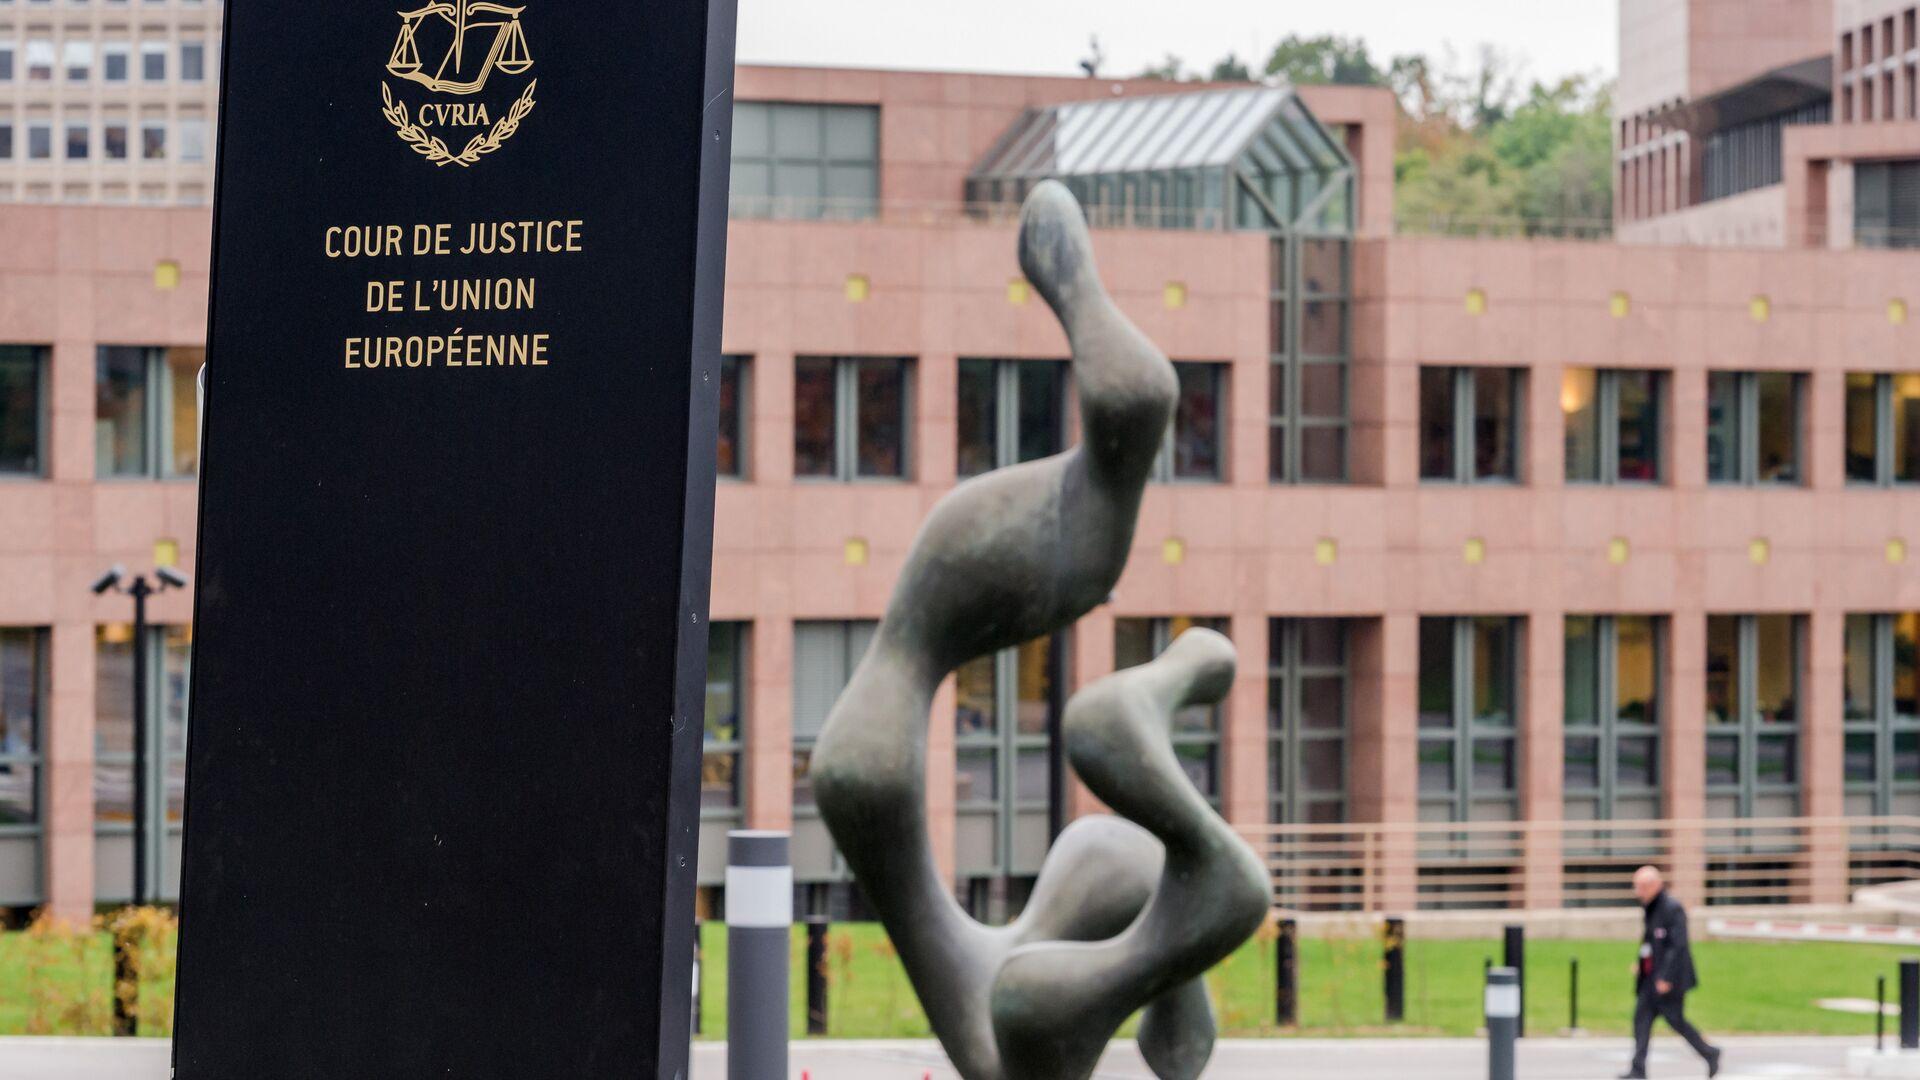 La Corte di giustizia dell'Unione europea - Sputnik Italia, 1920, 15.07.2021